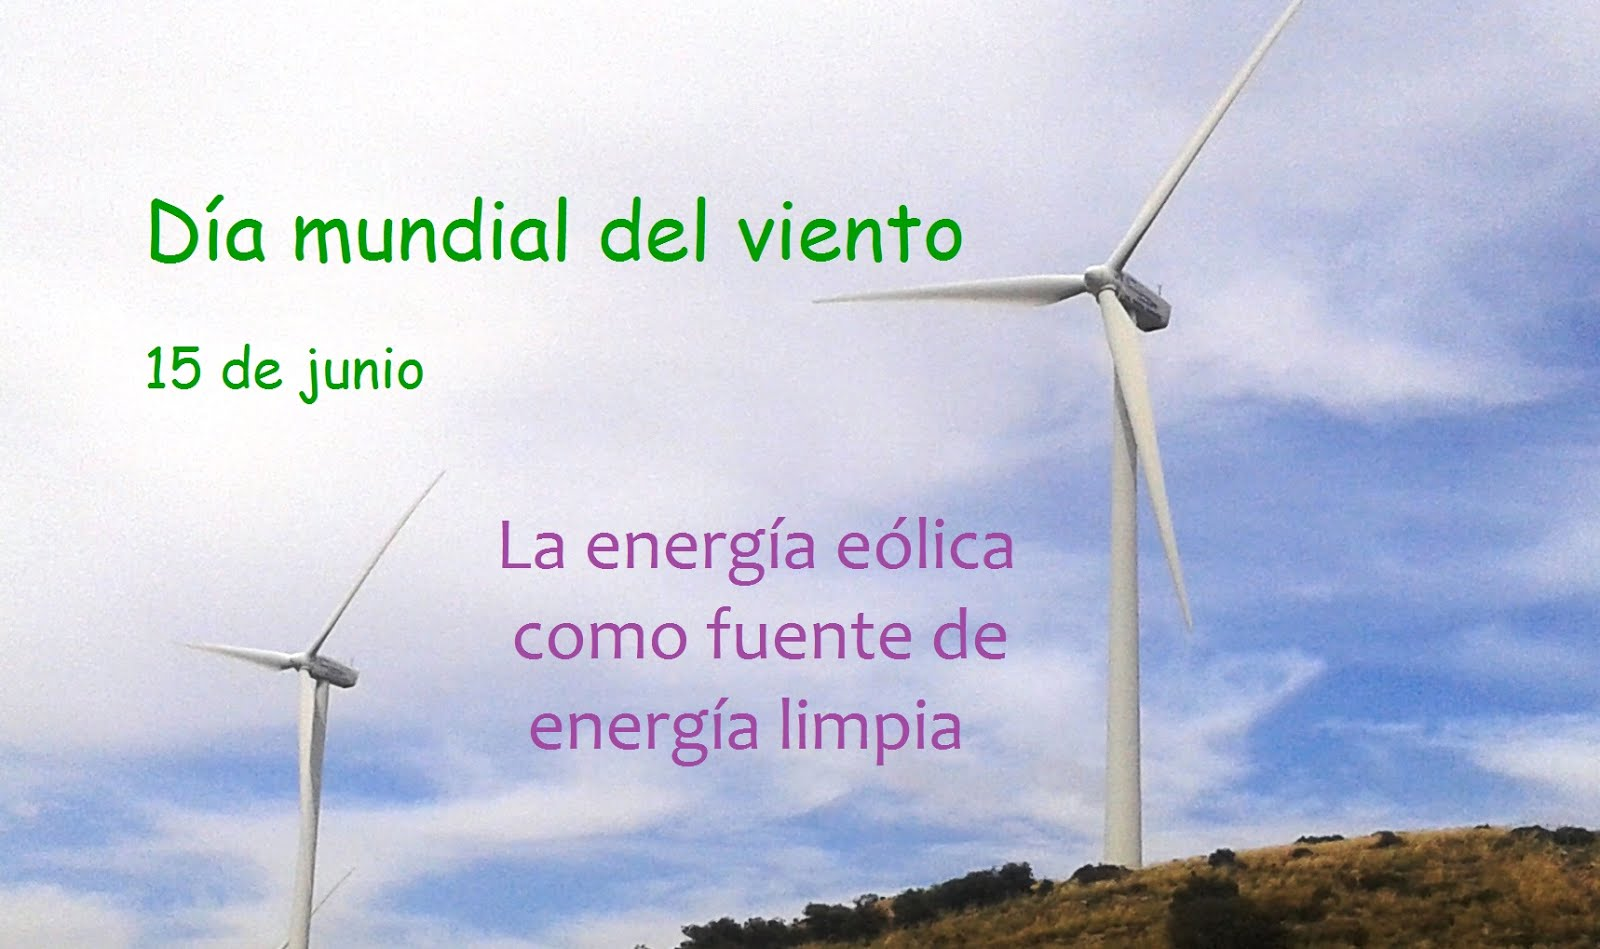 15 de junio - Día mundial del viento